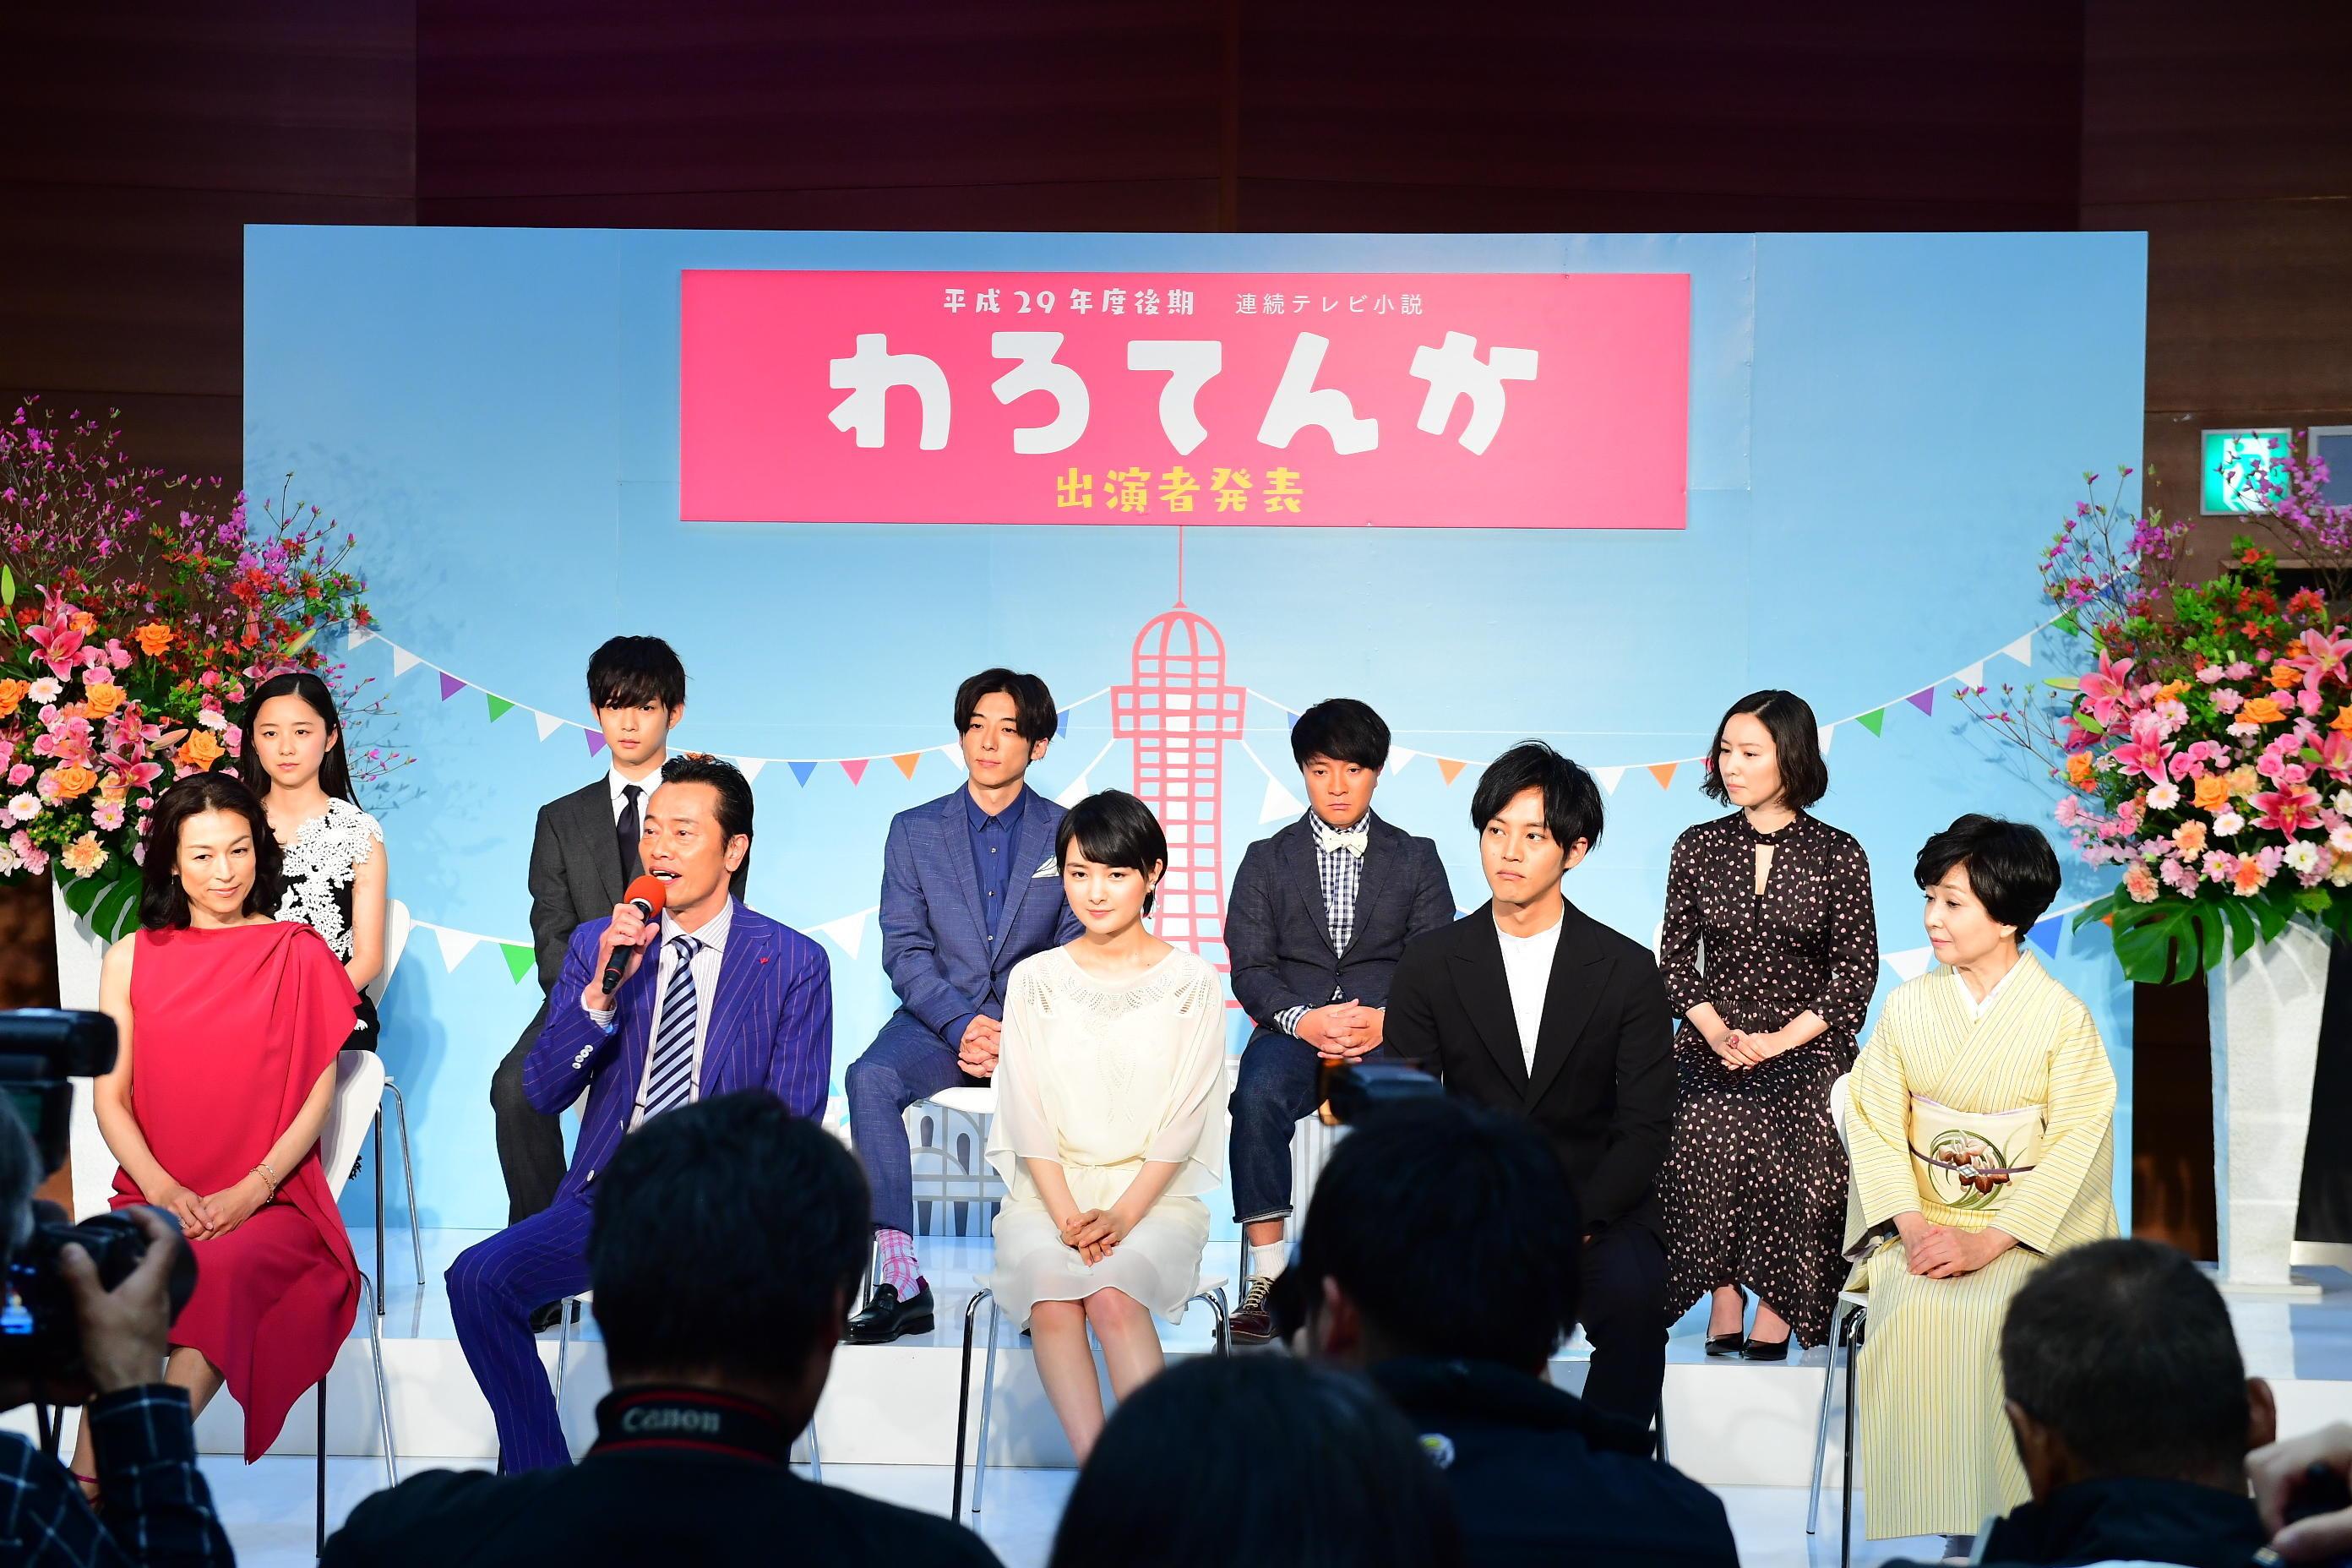 http://news.yoshimoto.co.jp/20170420183619-5198de64603d3ac3265c37baa6469432489e23e0.jpg